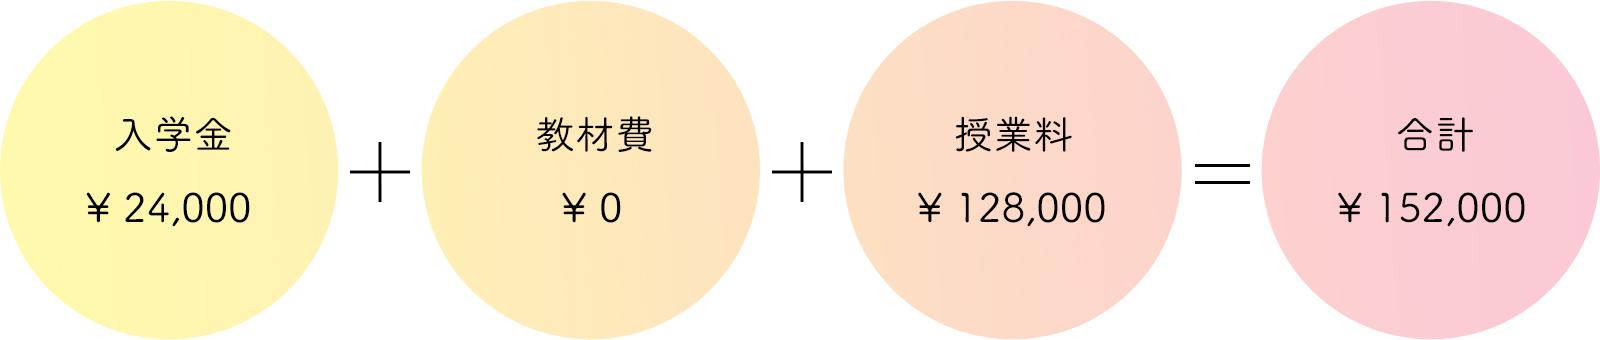 入学金¥24,000+教材費¥0+授業料¥104,000=合計¥128,000